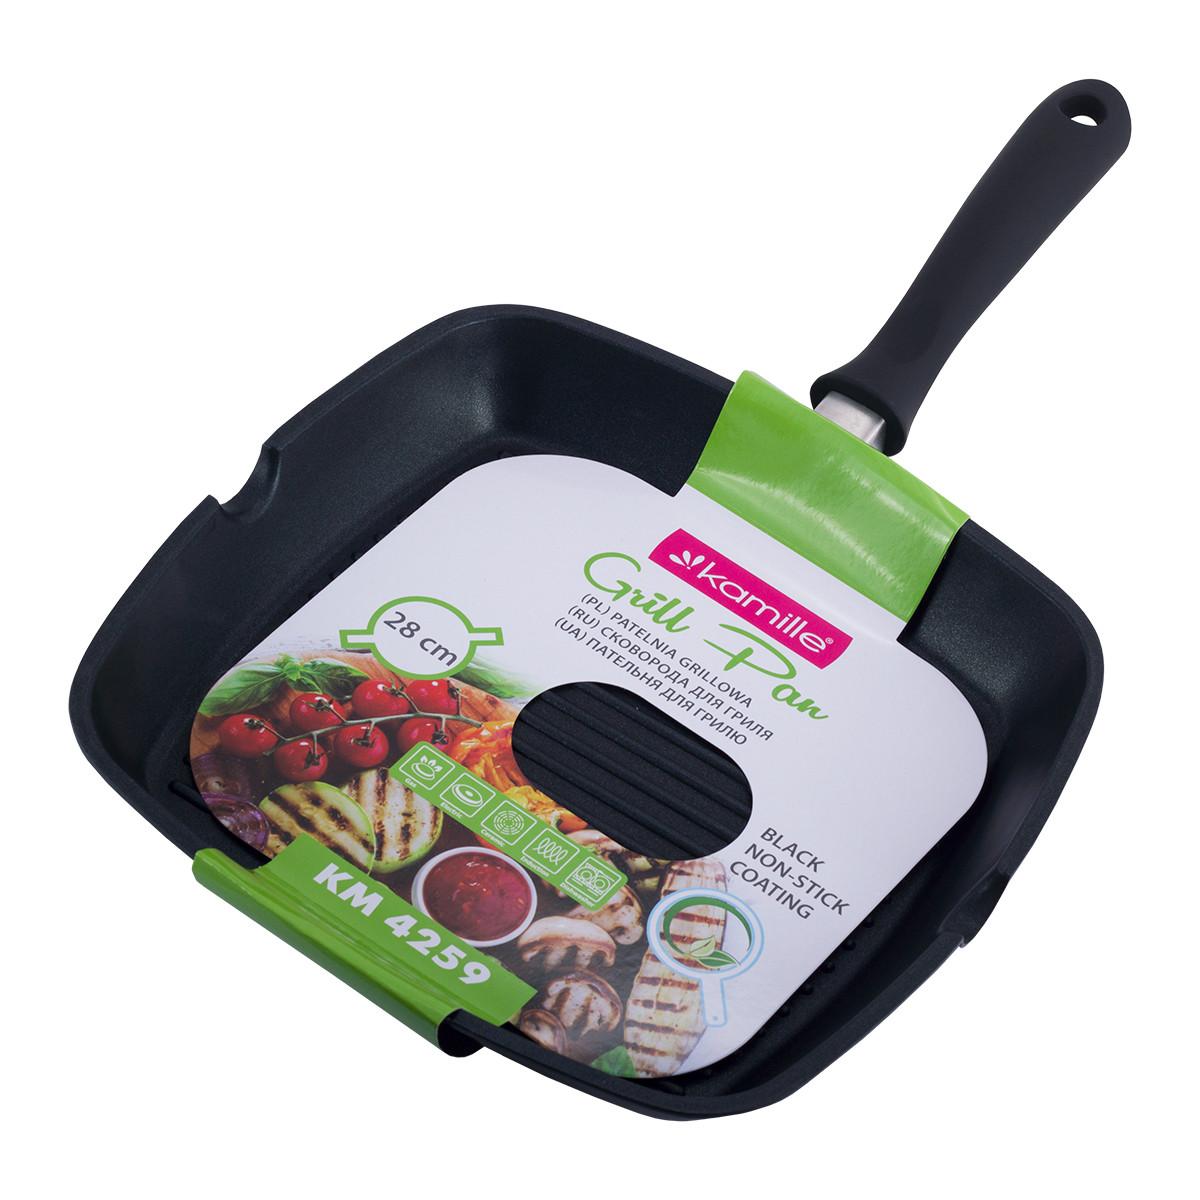 Сковорода-гриль Kamille 28*28*4см с антипригарным покрытием без крышки для индукции и газа KM-4259